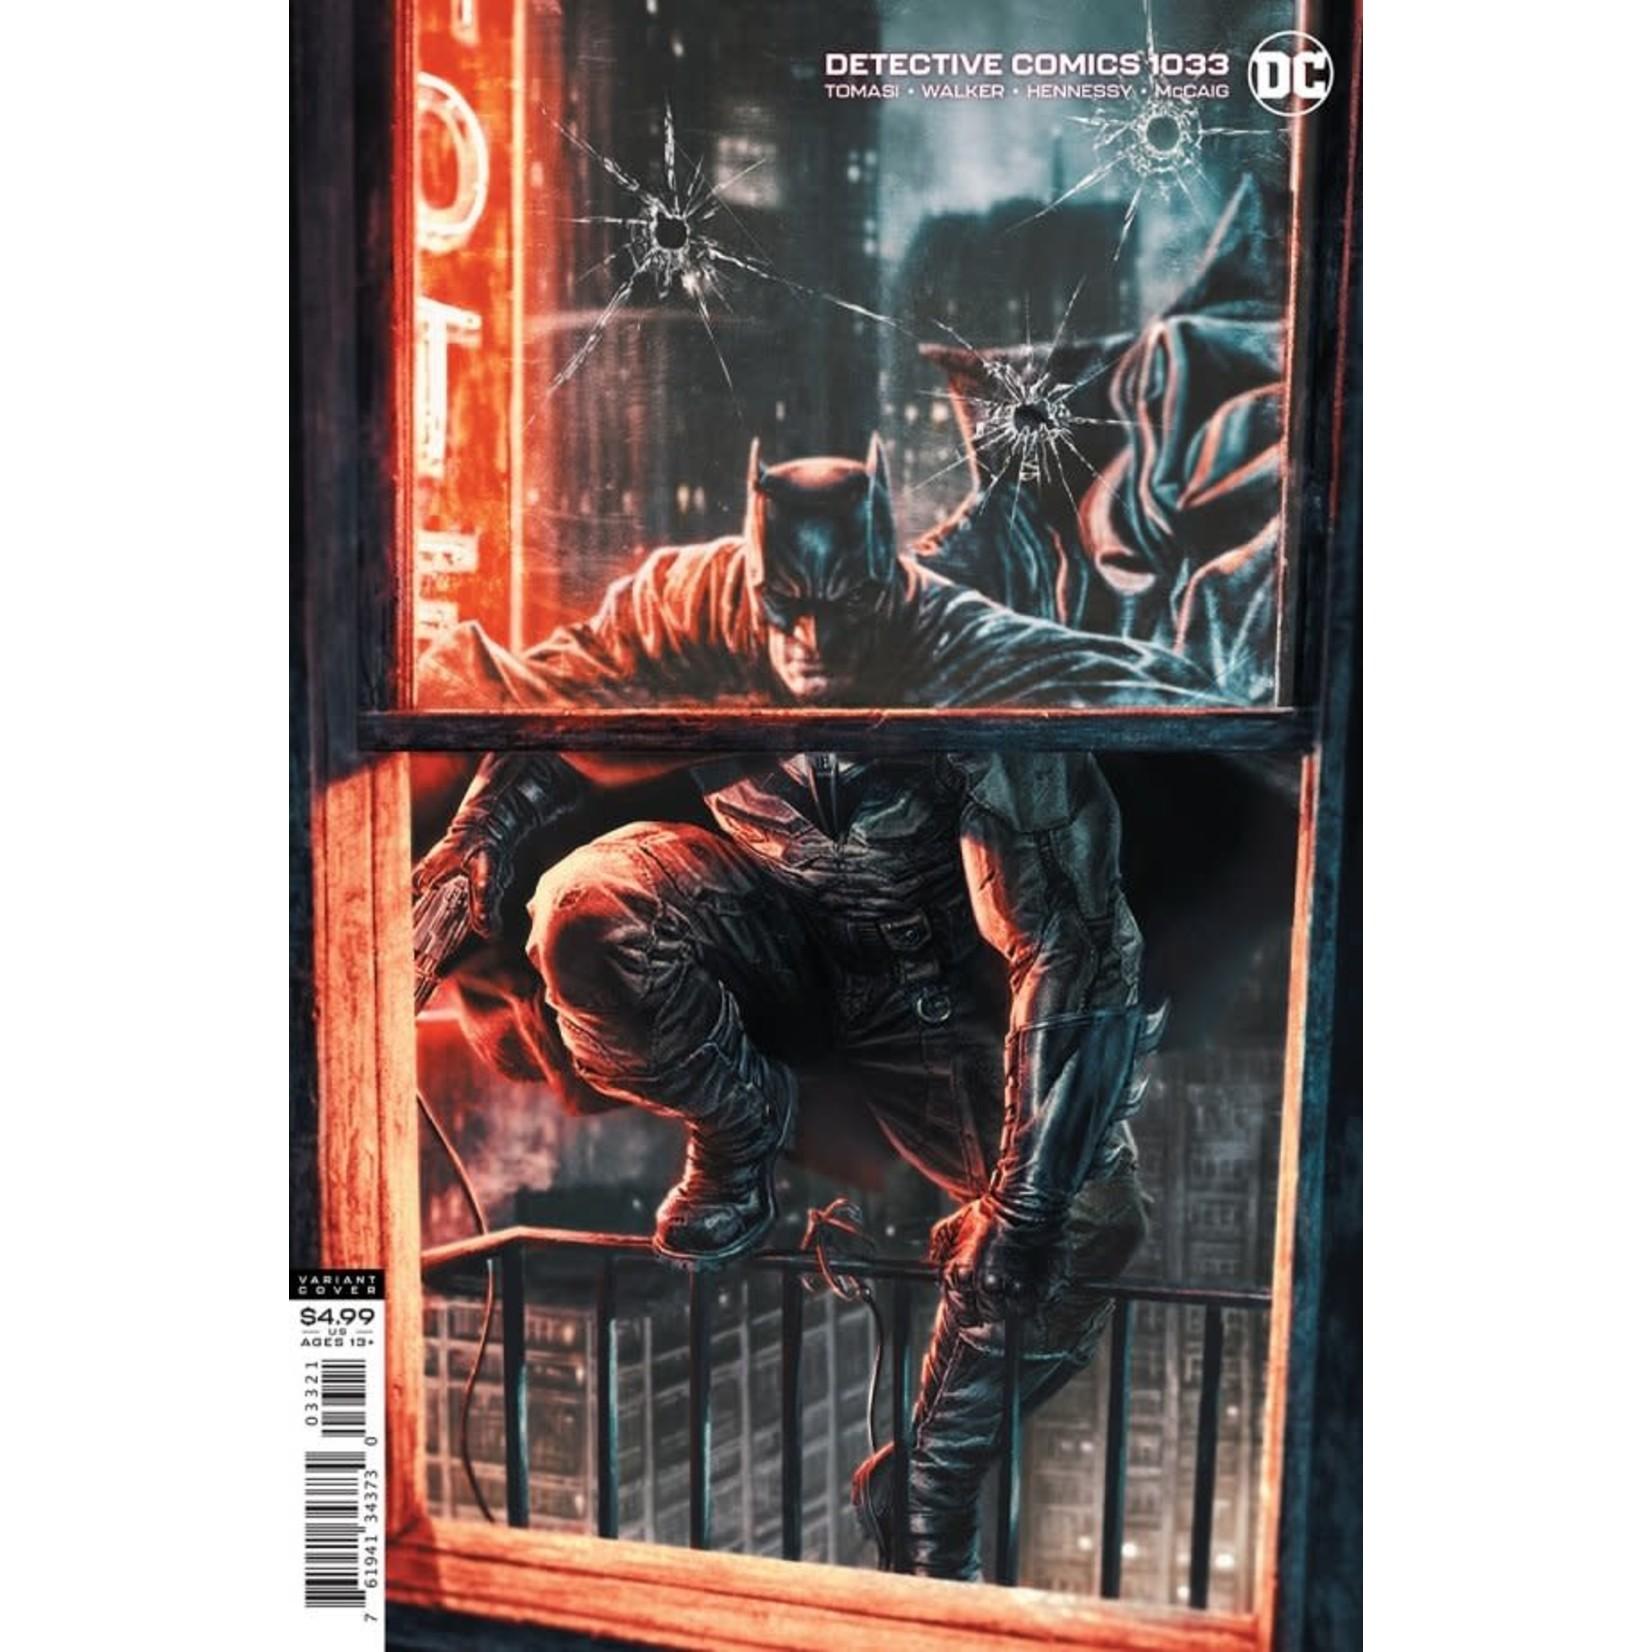 DC Comics Detective Comics #1033 Card Stock Variant Edition